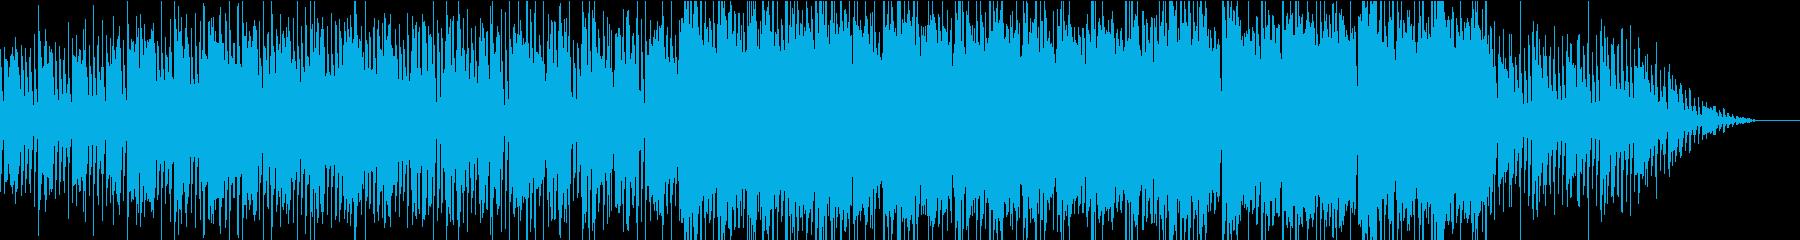 アコーディオンを使った疾走感溢れる曲の再生済みの波形